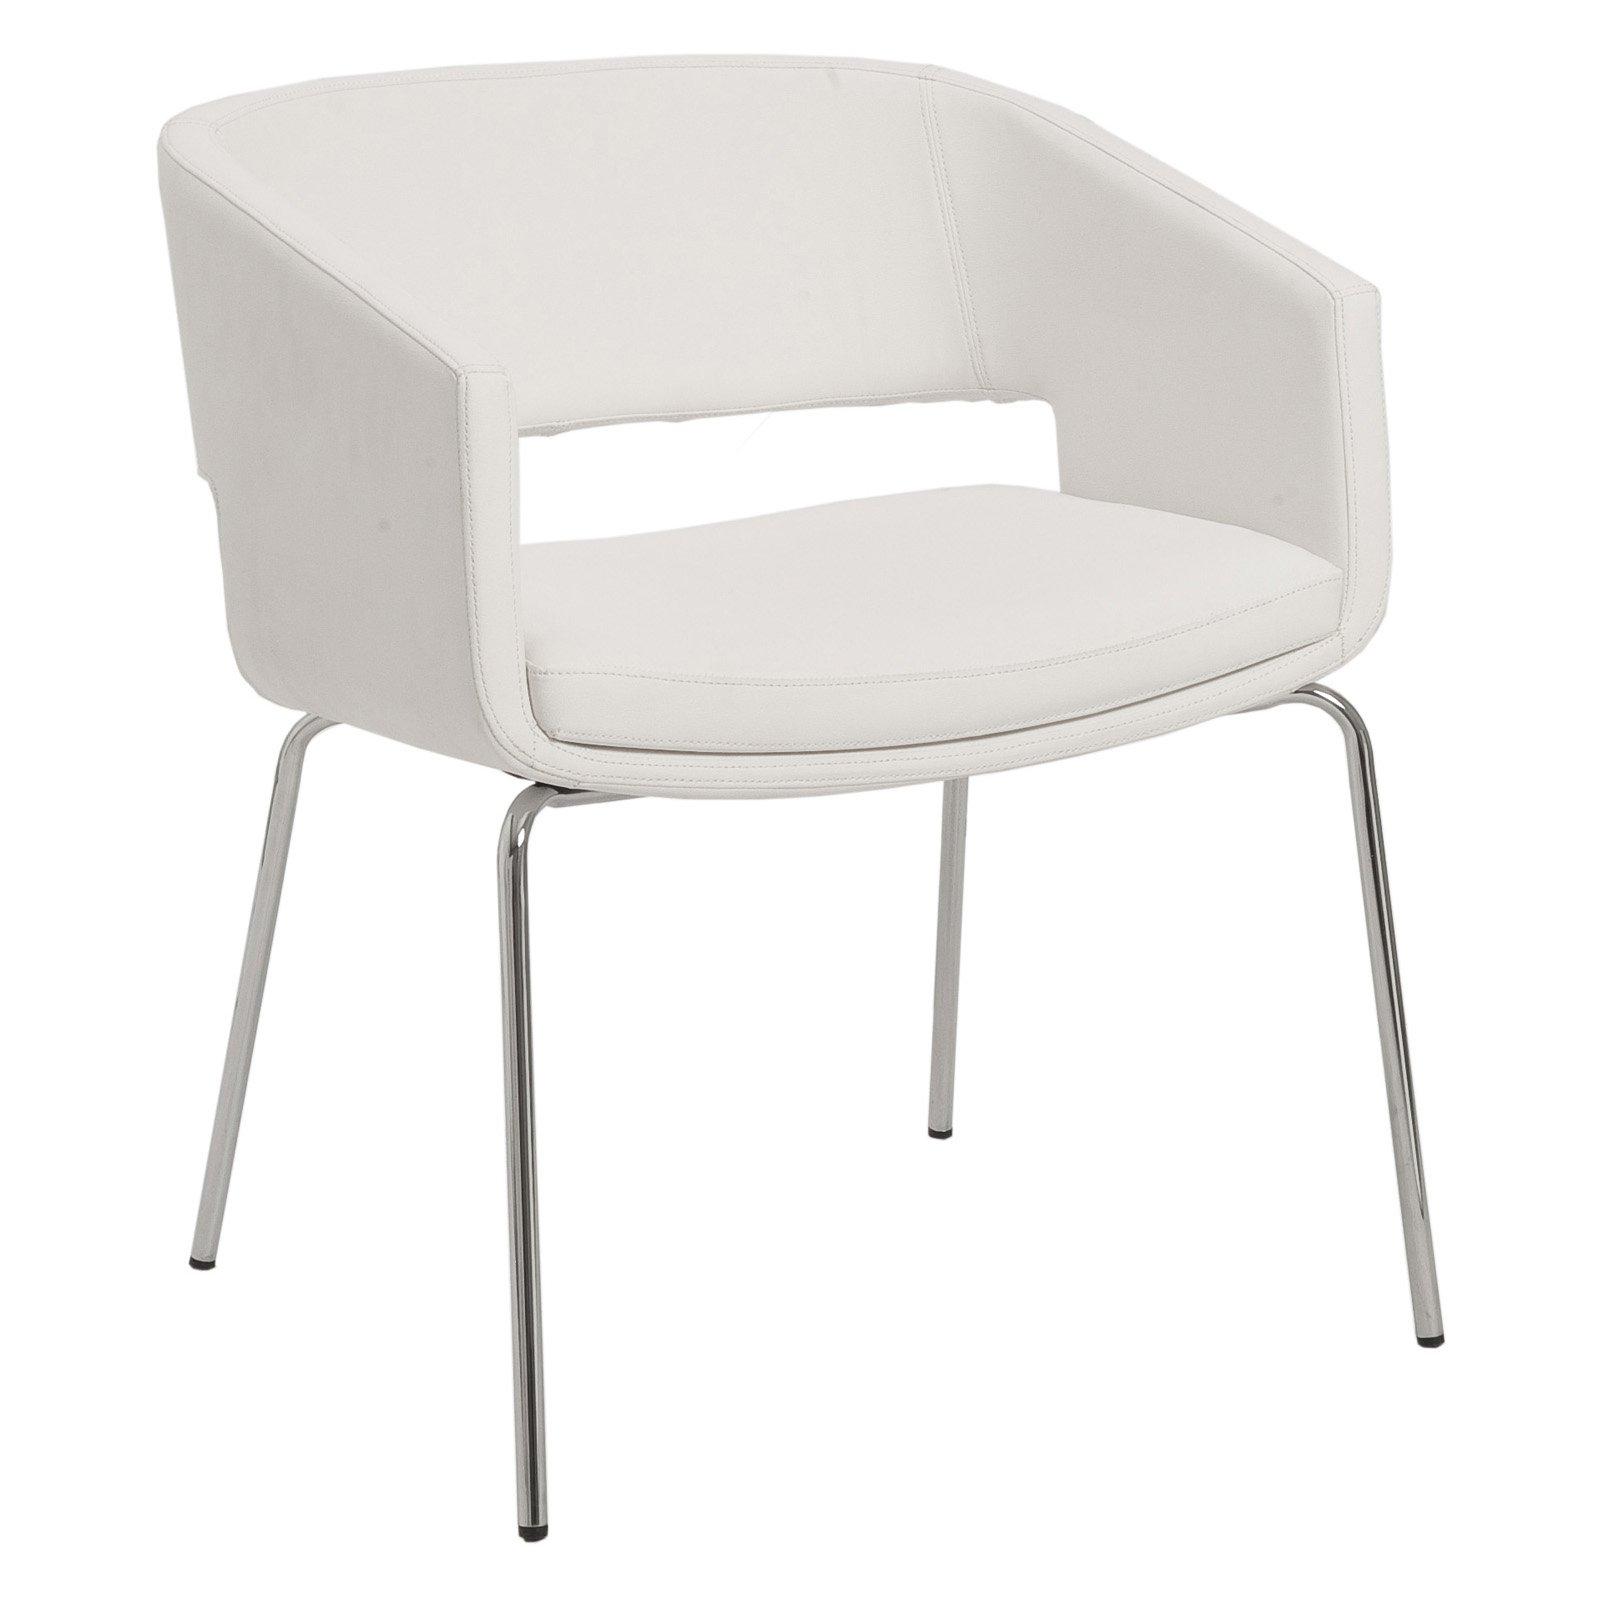 Euro Style Amelia Lounge Chair - White - Set of 2